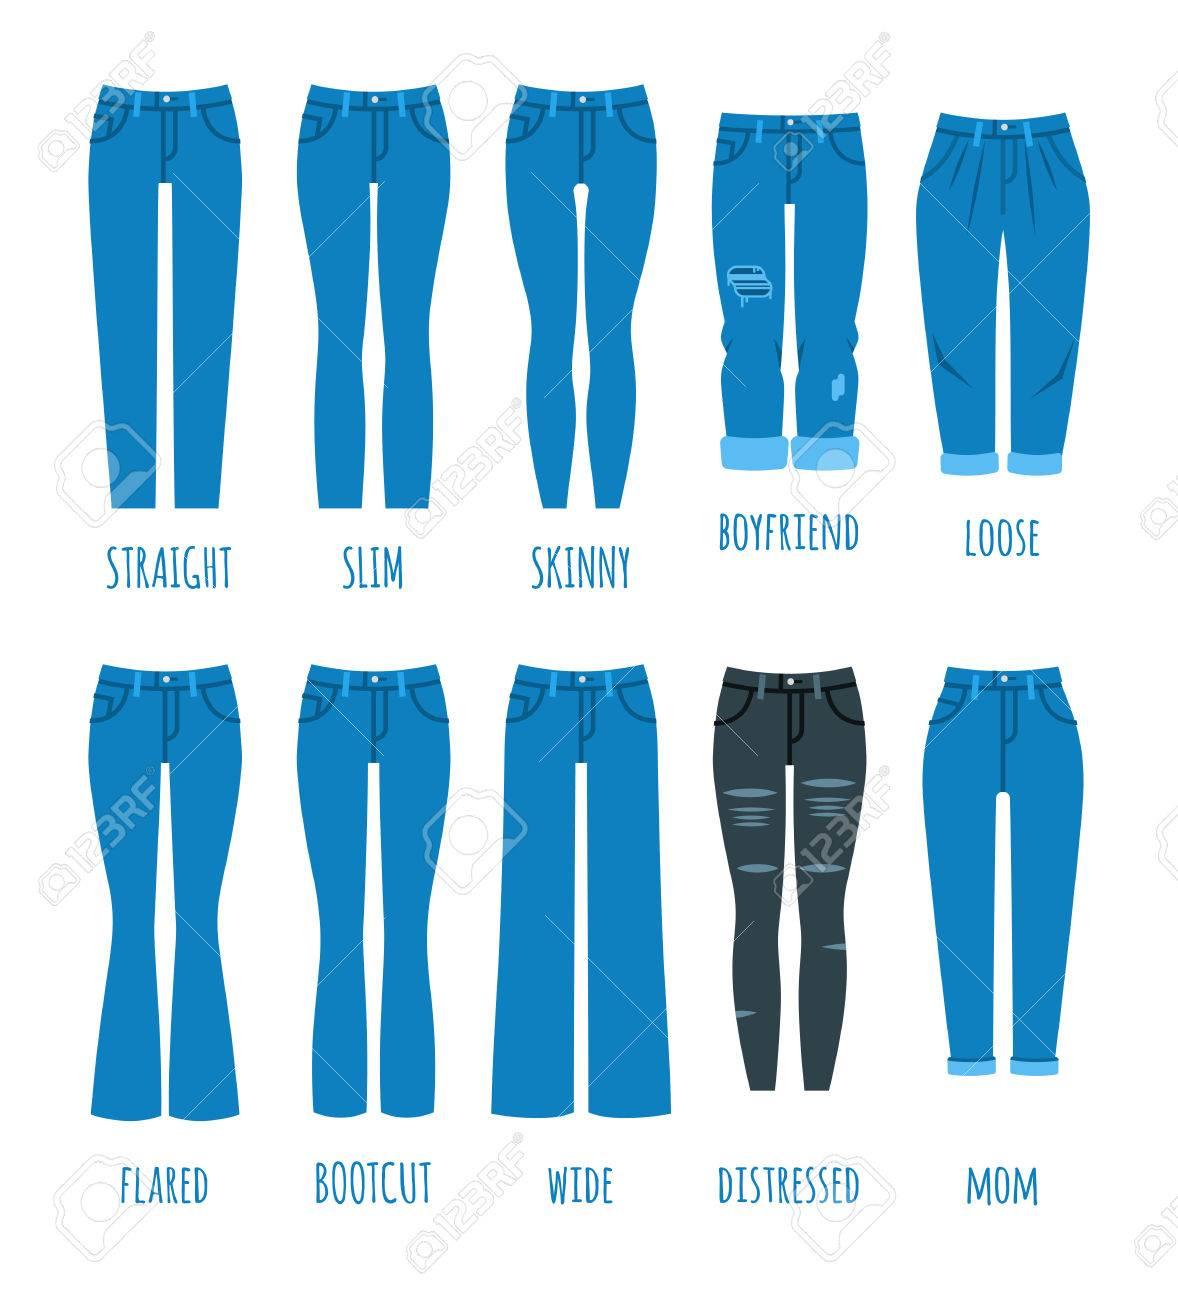 ff29b3c94e60de Frauen Jeans Stile Sammlung. Denim Mode weibliche Hosen. Trendige Modelle  aus Baumwollhosen für modernes